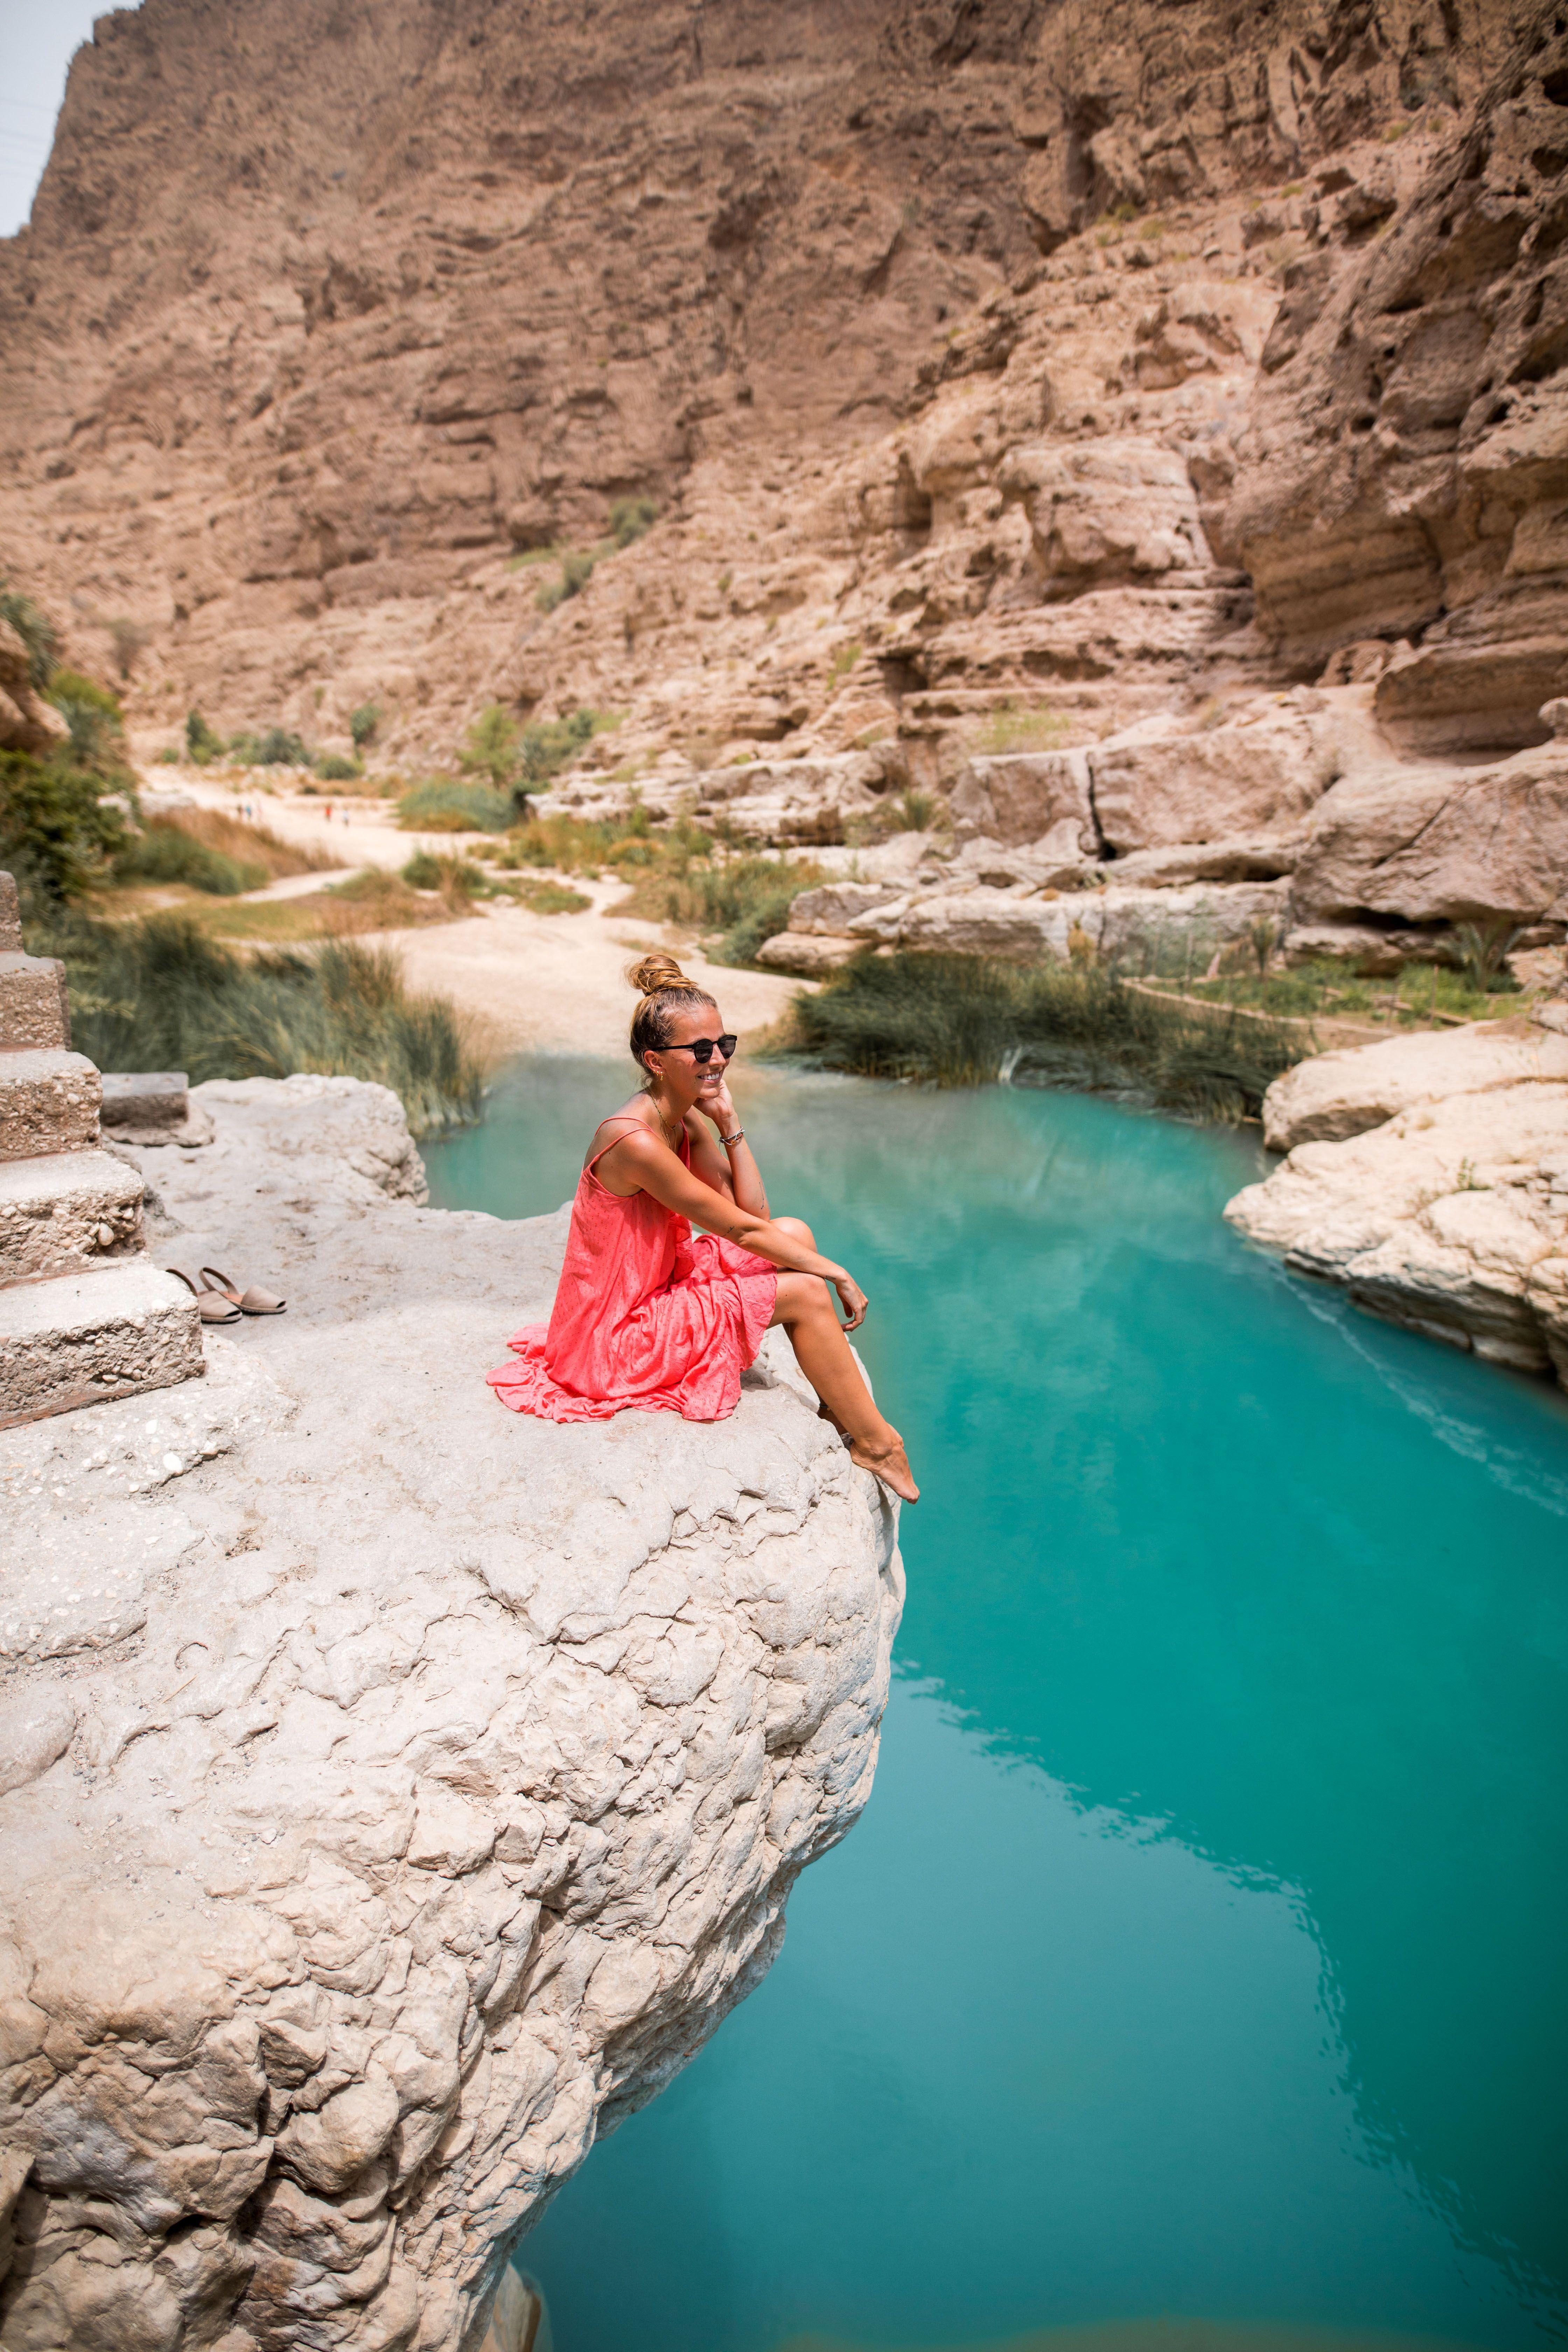 Wadi Shab Oman Travel Oman Muscat Wadishab Wadi Shab Girl Nature Wustenlandschaft Reisen Oman